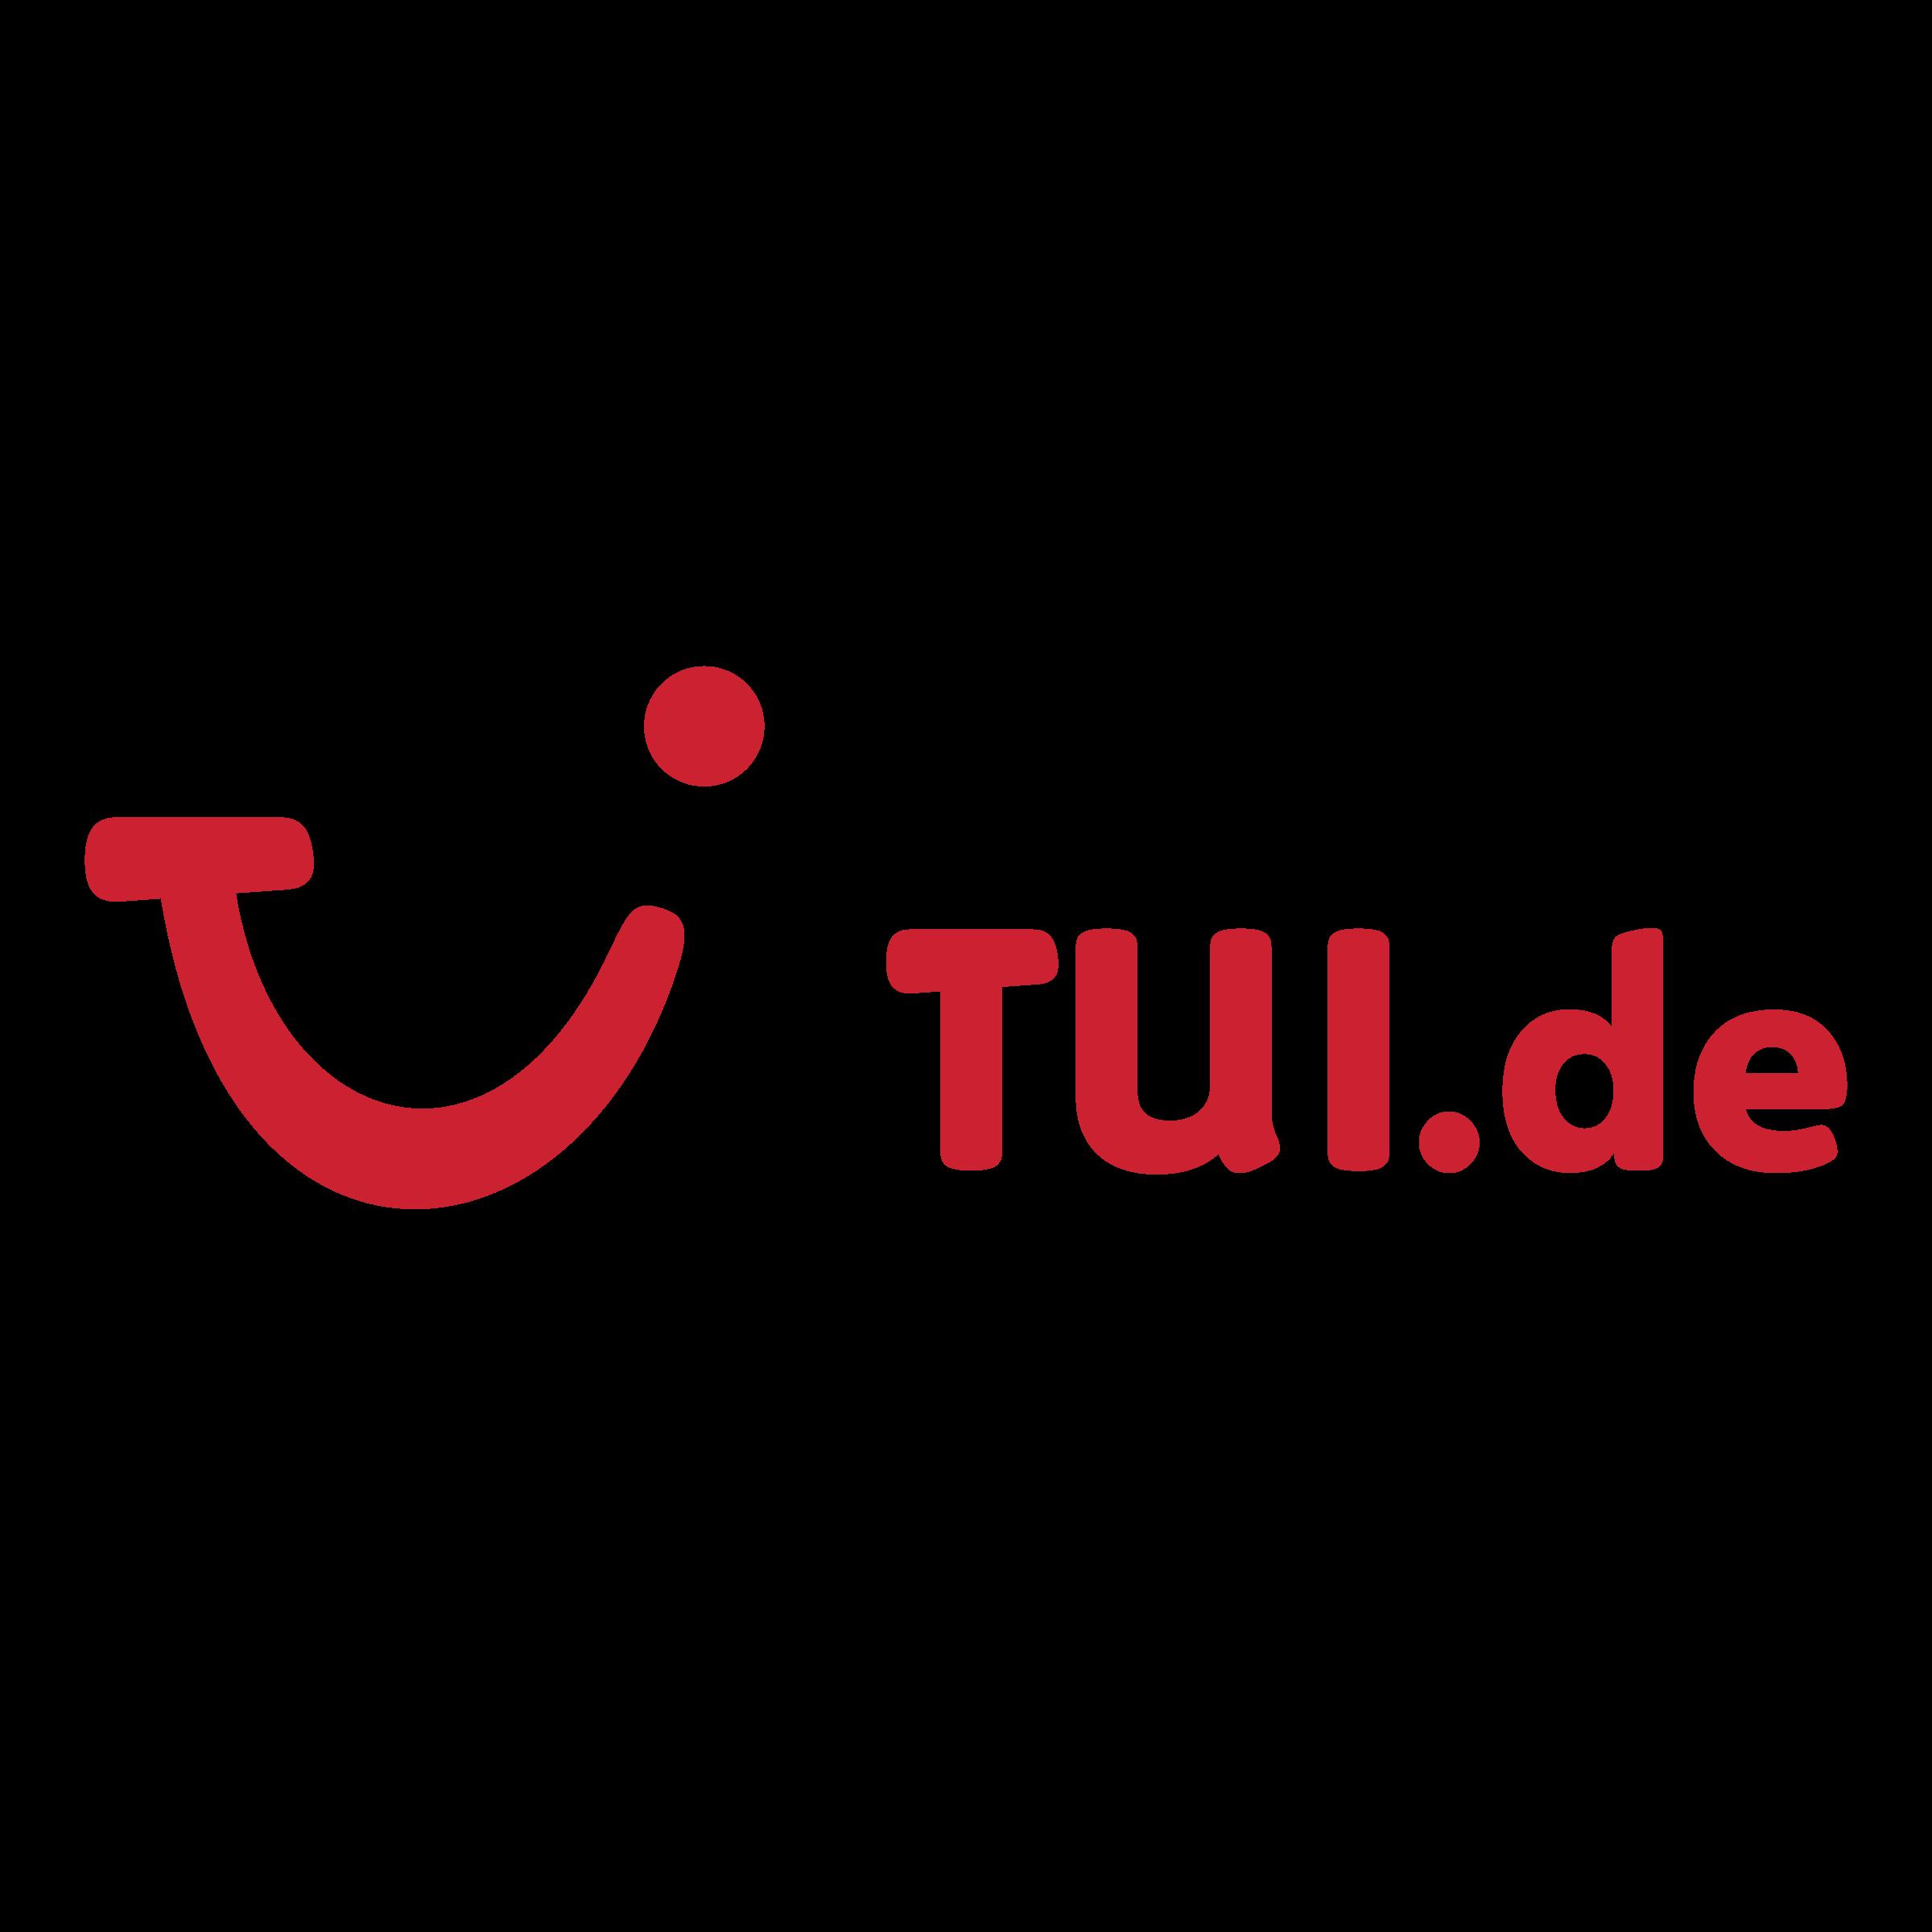 TUI de Logo PNG Transparent & SVG Vector.